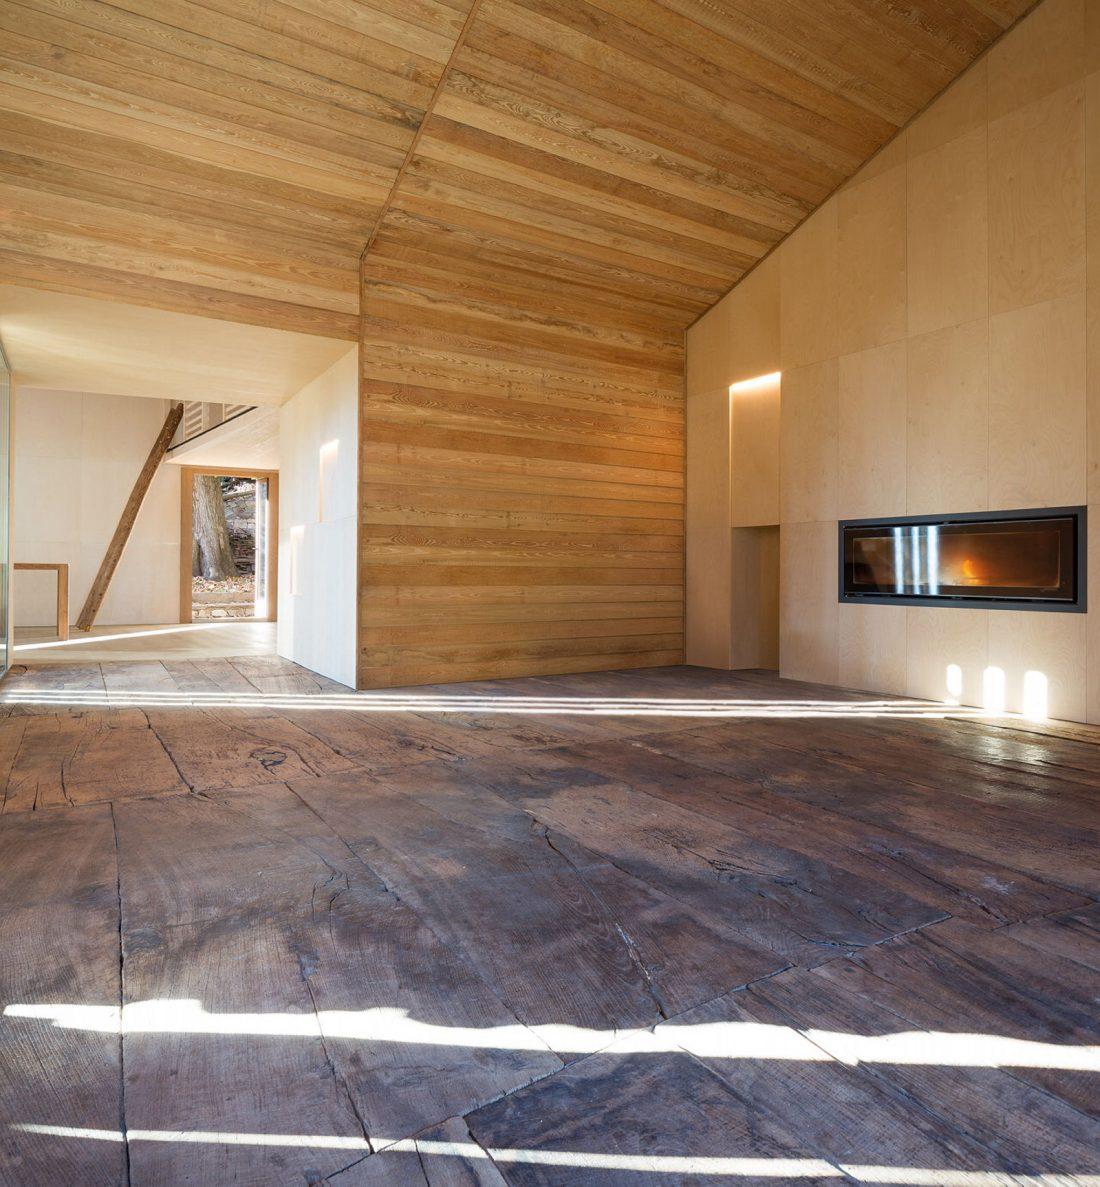 Реставрация старинного дома 16 века в Швейцарии по проекту Vudafieri Saverino Partners 14